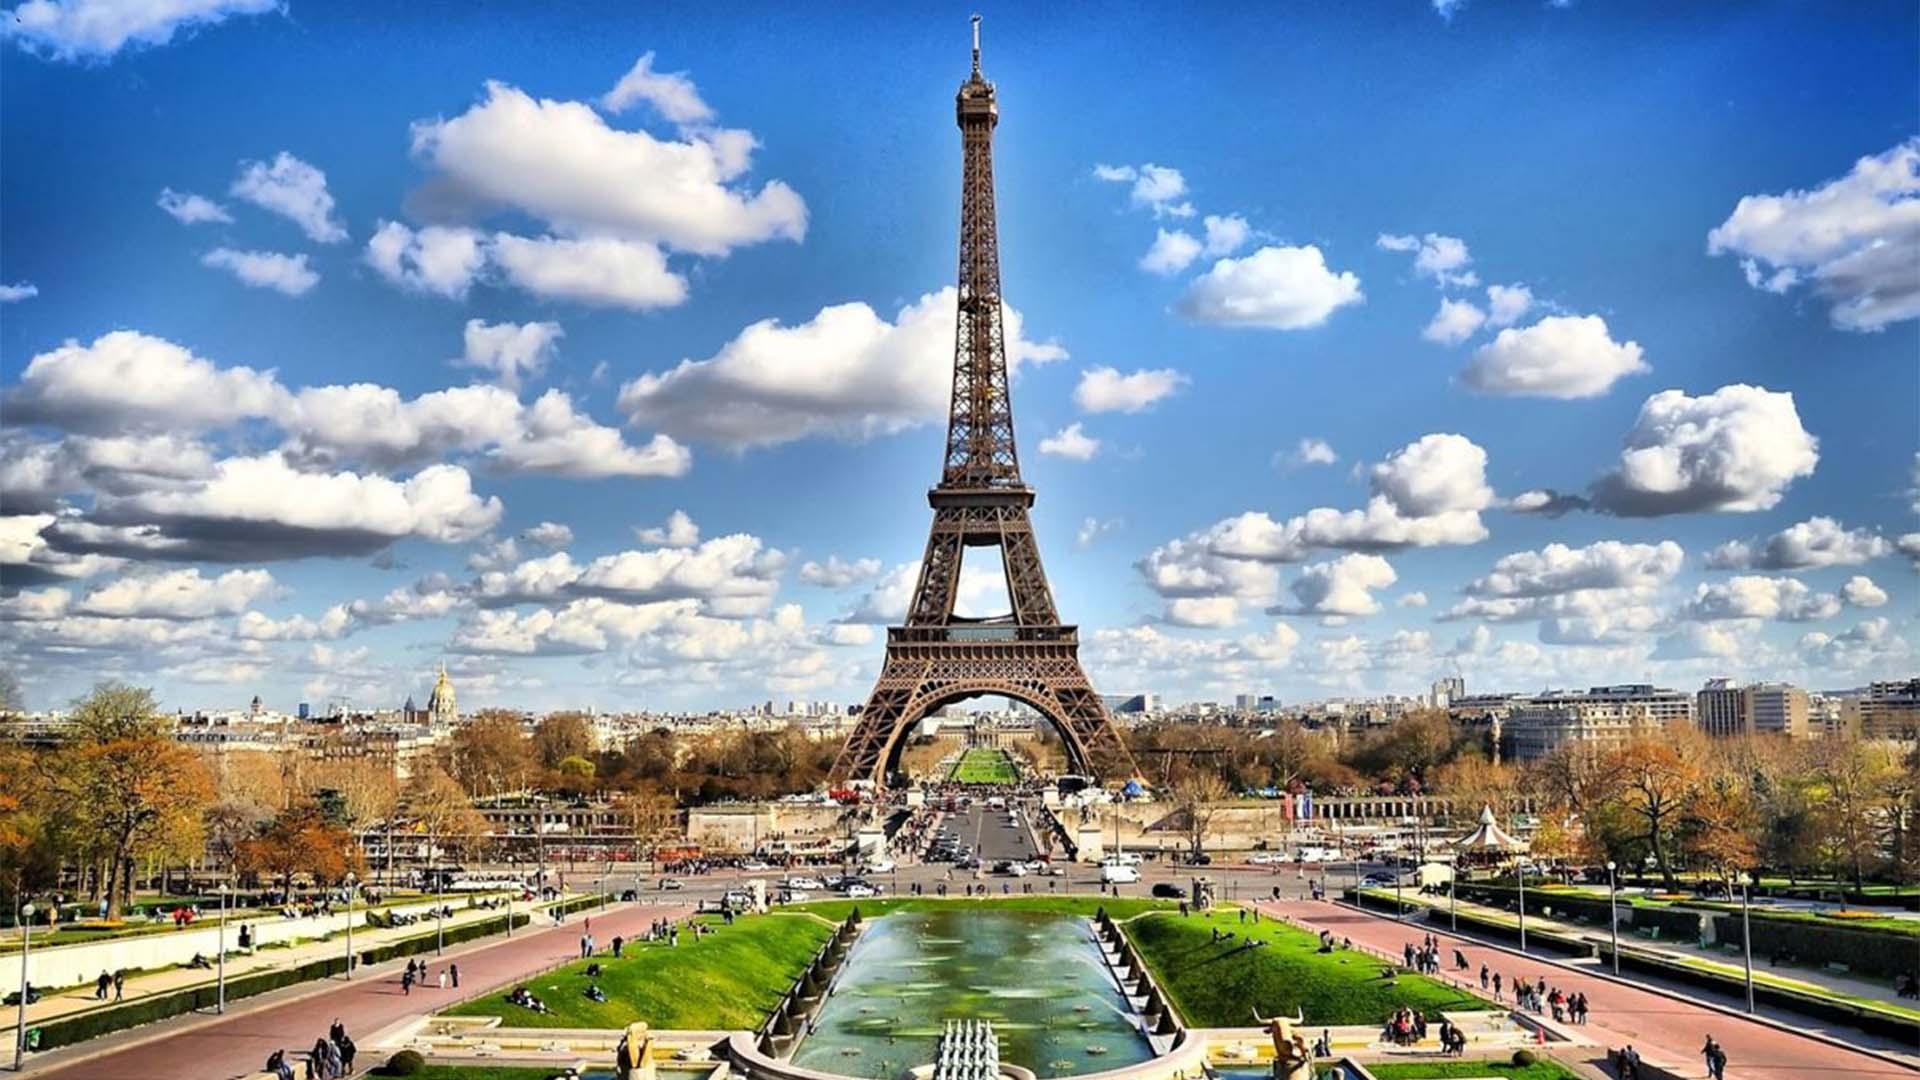 หอไอเฟล สิ่งก่อสร้างที่ดังที่สุดในโลก สัญลักษณ์ของประเทศฝรั่งเศส